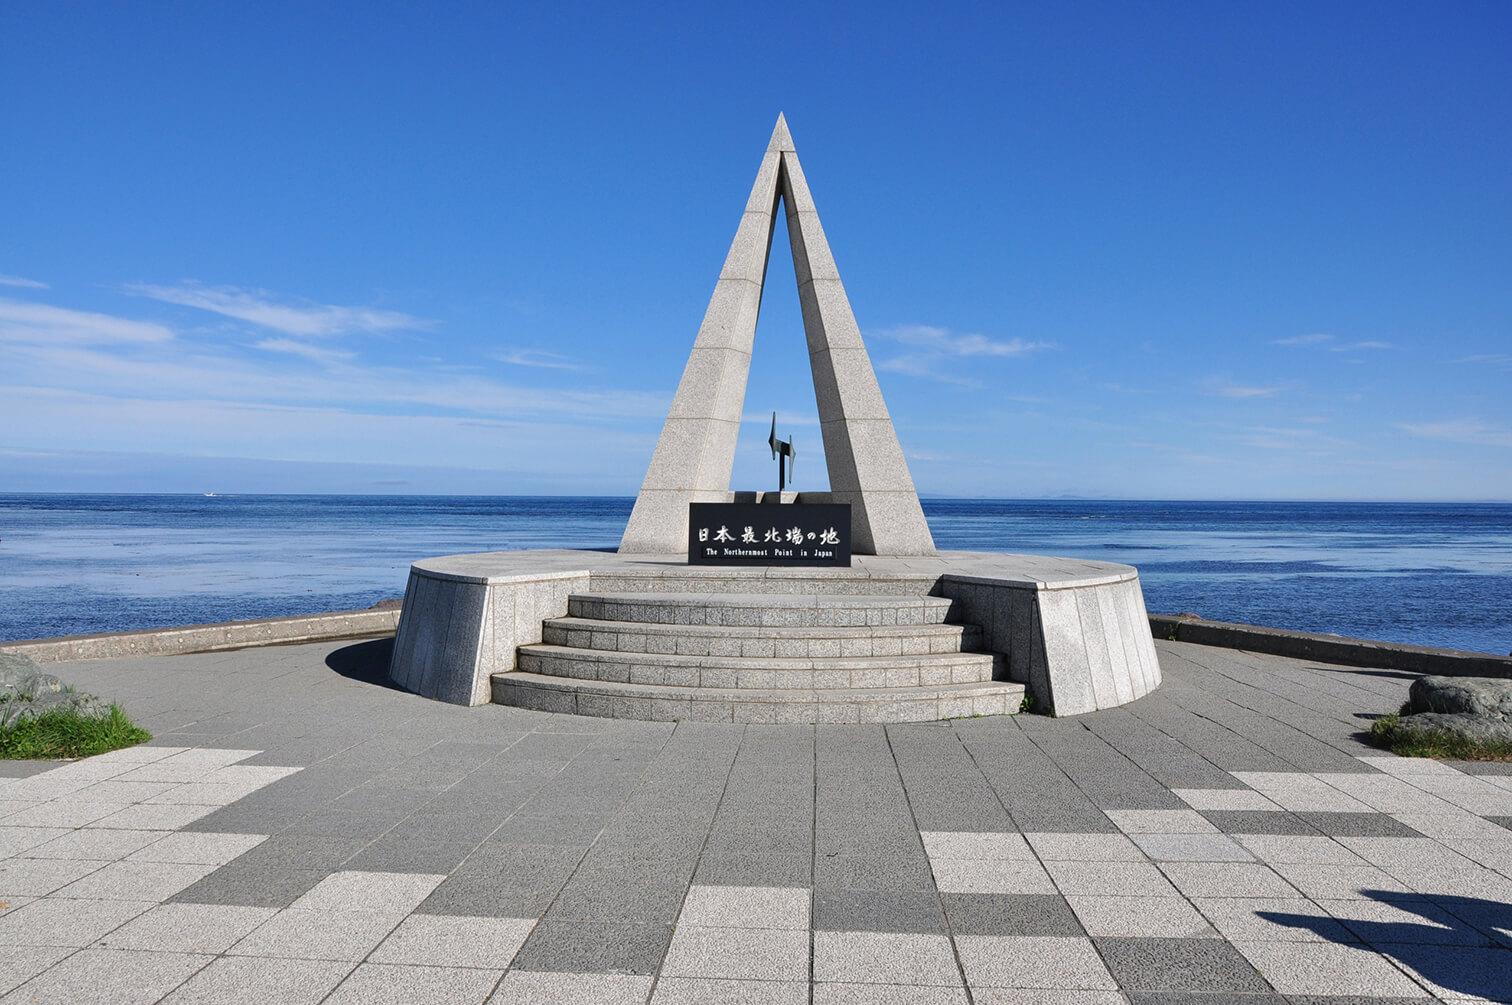 宗谷岬:真正的日本國境之北